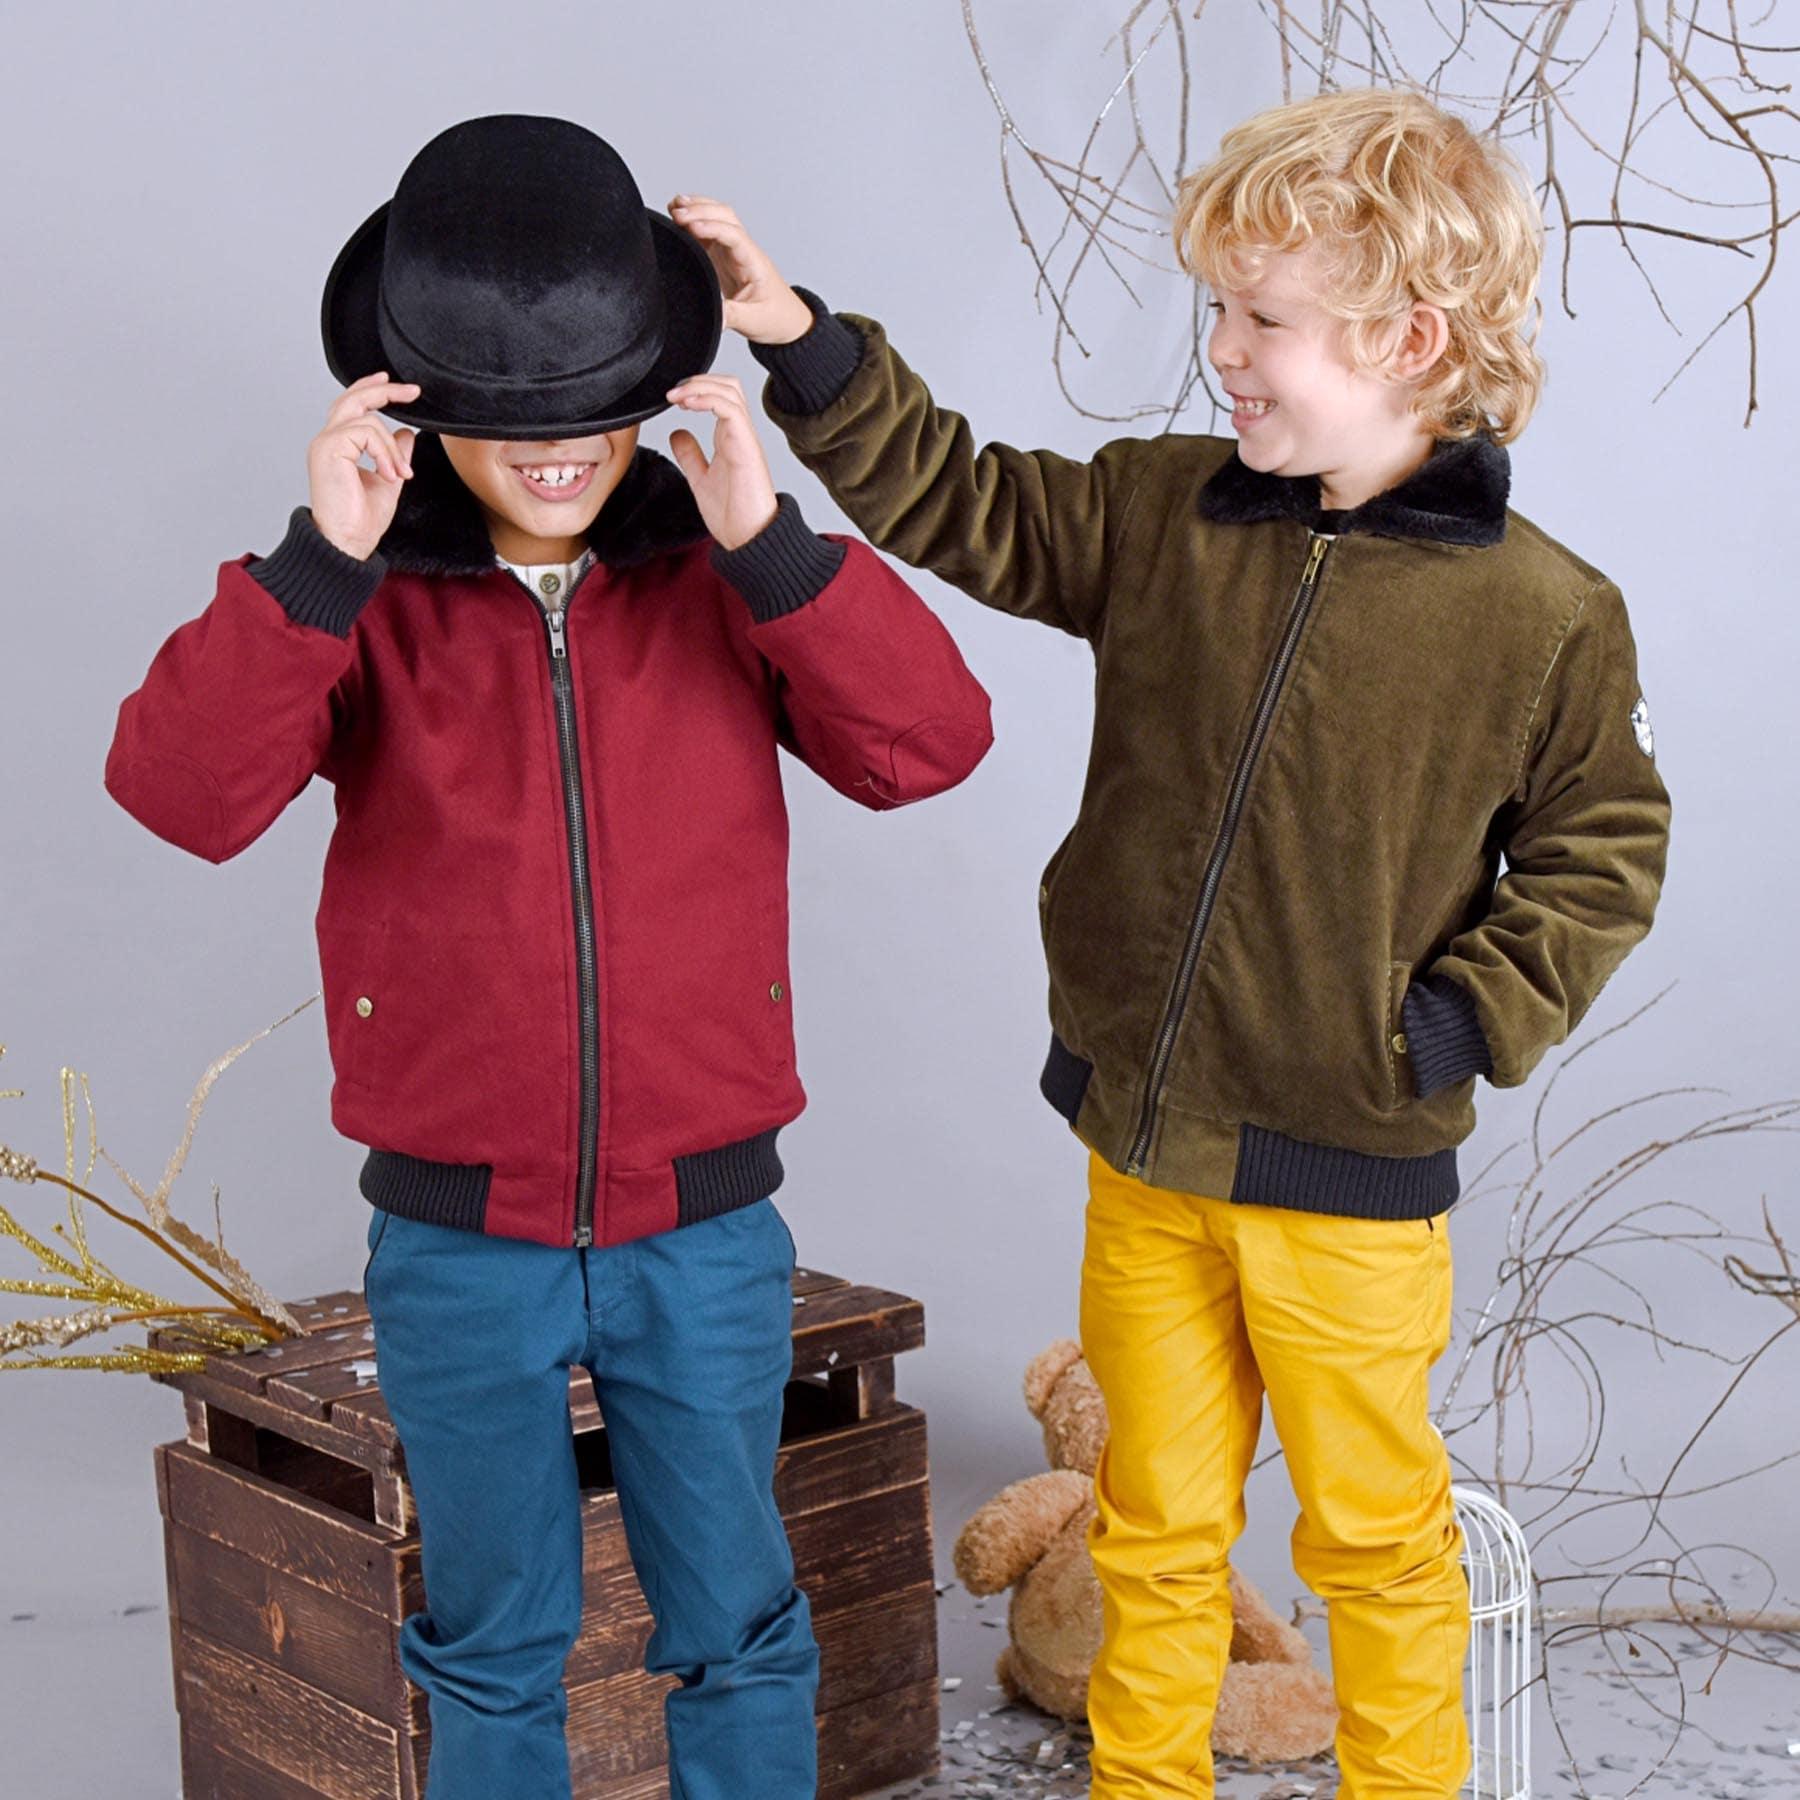 Blouson aviateur intersaison en velours kaki, avec poches, fermeture éclair et doublure en fausse fourrure noire pour garçons de 2 à 12 ans. La Faute à Voltaire, marque créateur française pour enfants en commerce équitable.